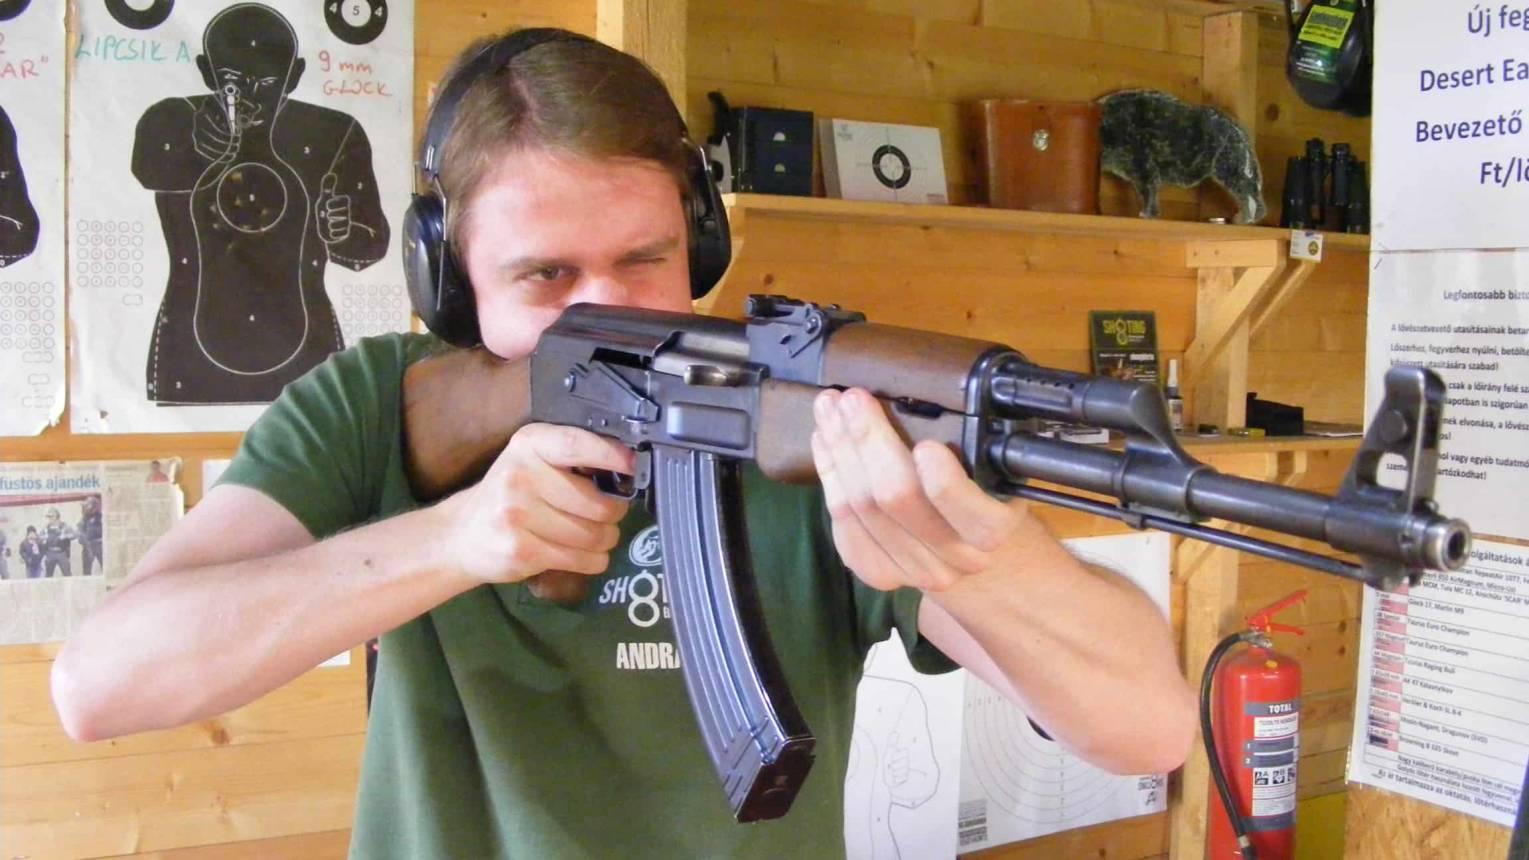 Hadifegyverek 2020 lövészcsomag